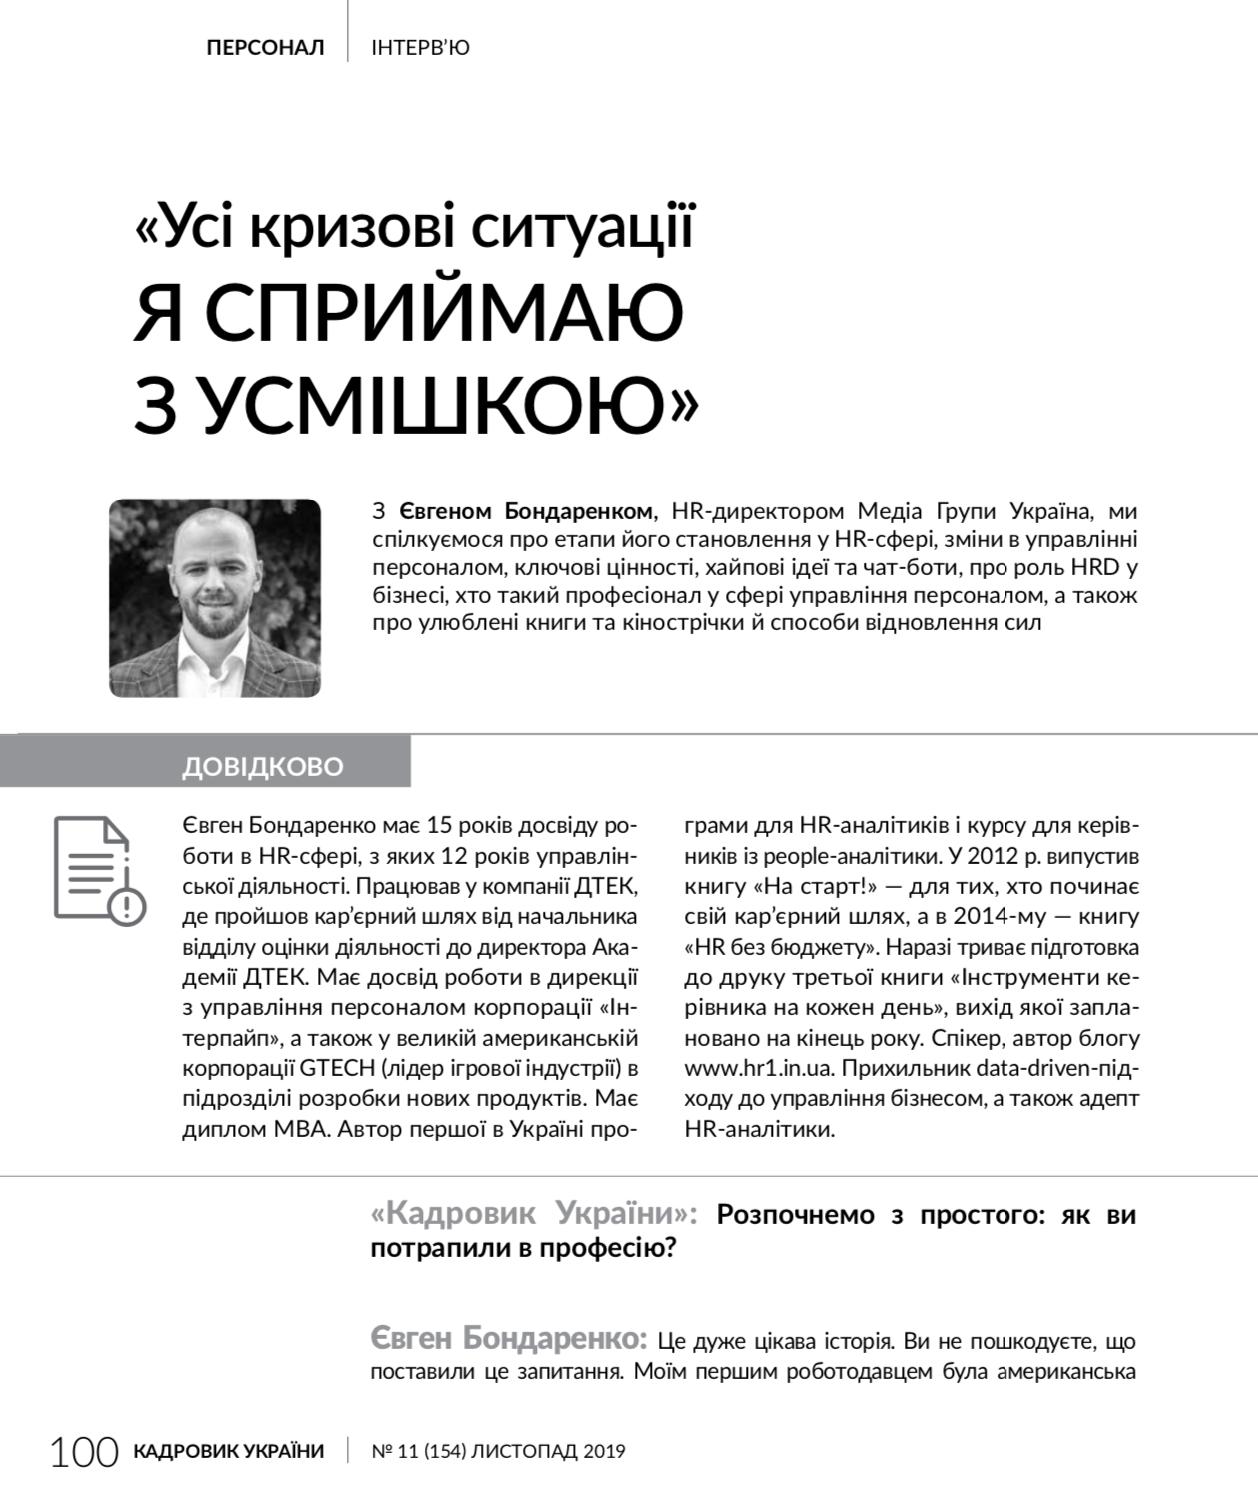 Евгений Бондаренко, Директор по персоналу, Стефановская Станислава